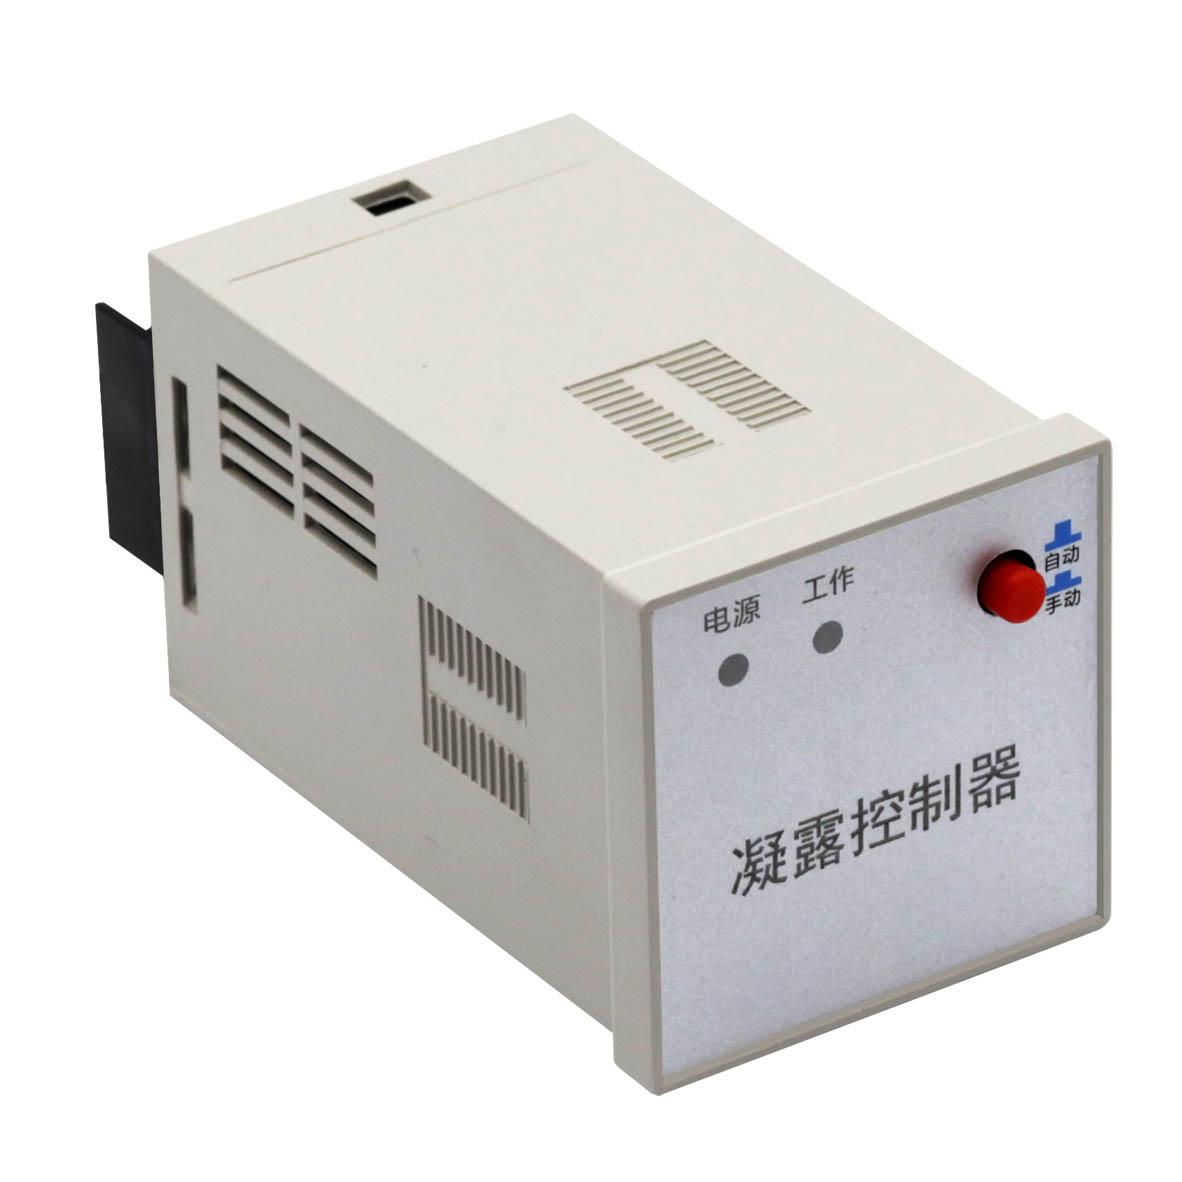 株洲攸县JLKPS0.45-50-3交流自愈式滤波电容器共补型高清图